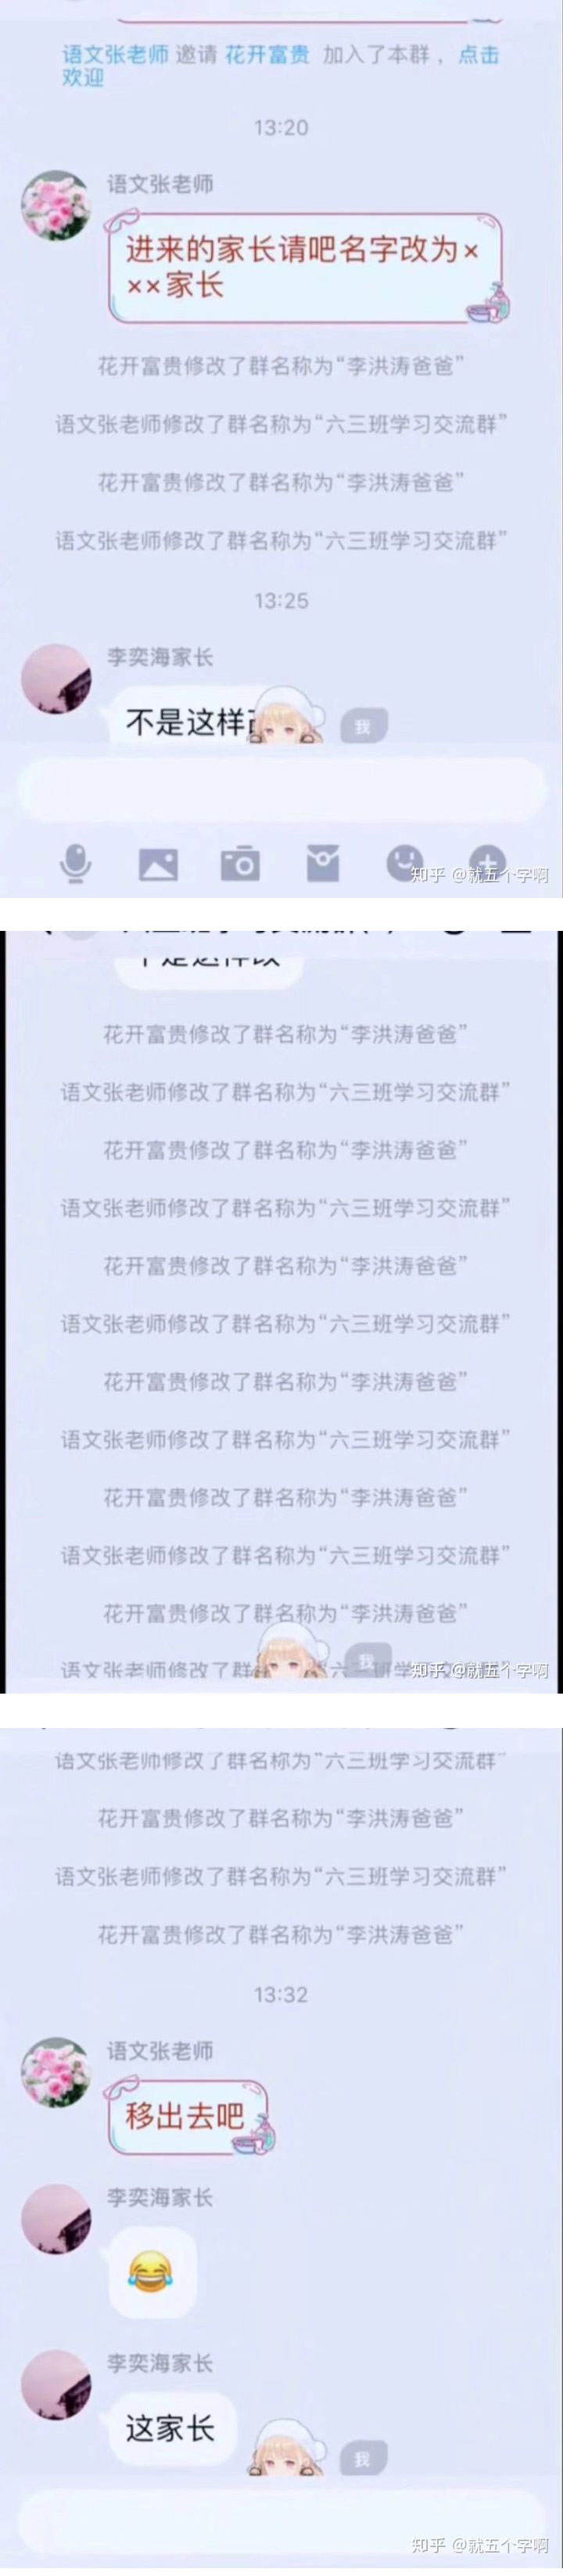 修改群名称:语文张老师和李洪涛爸爸的故事